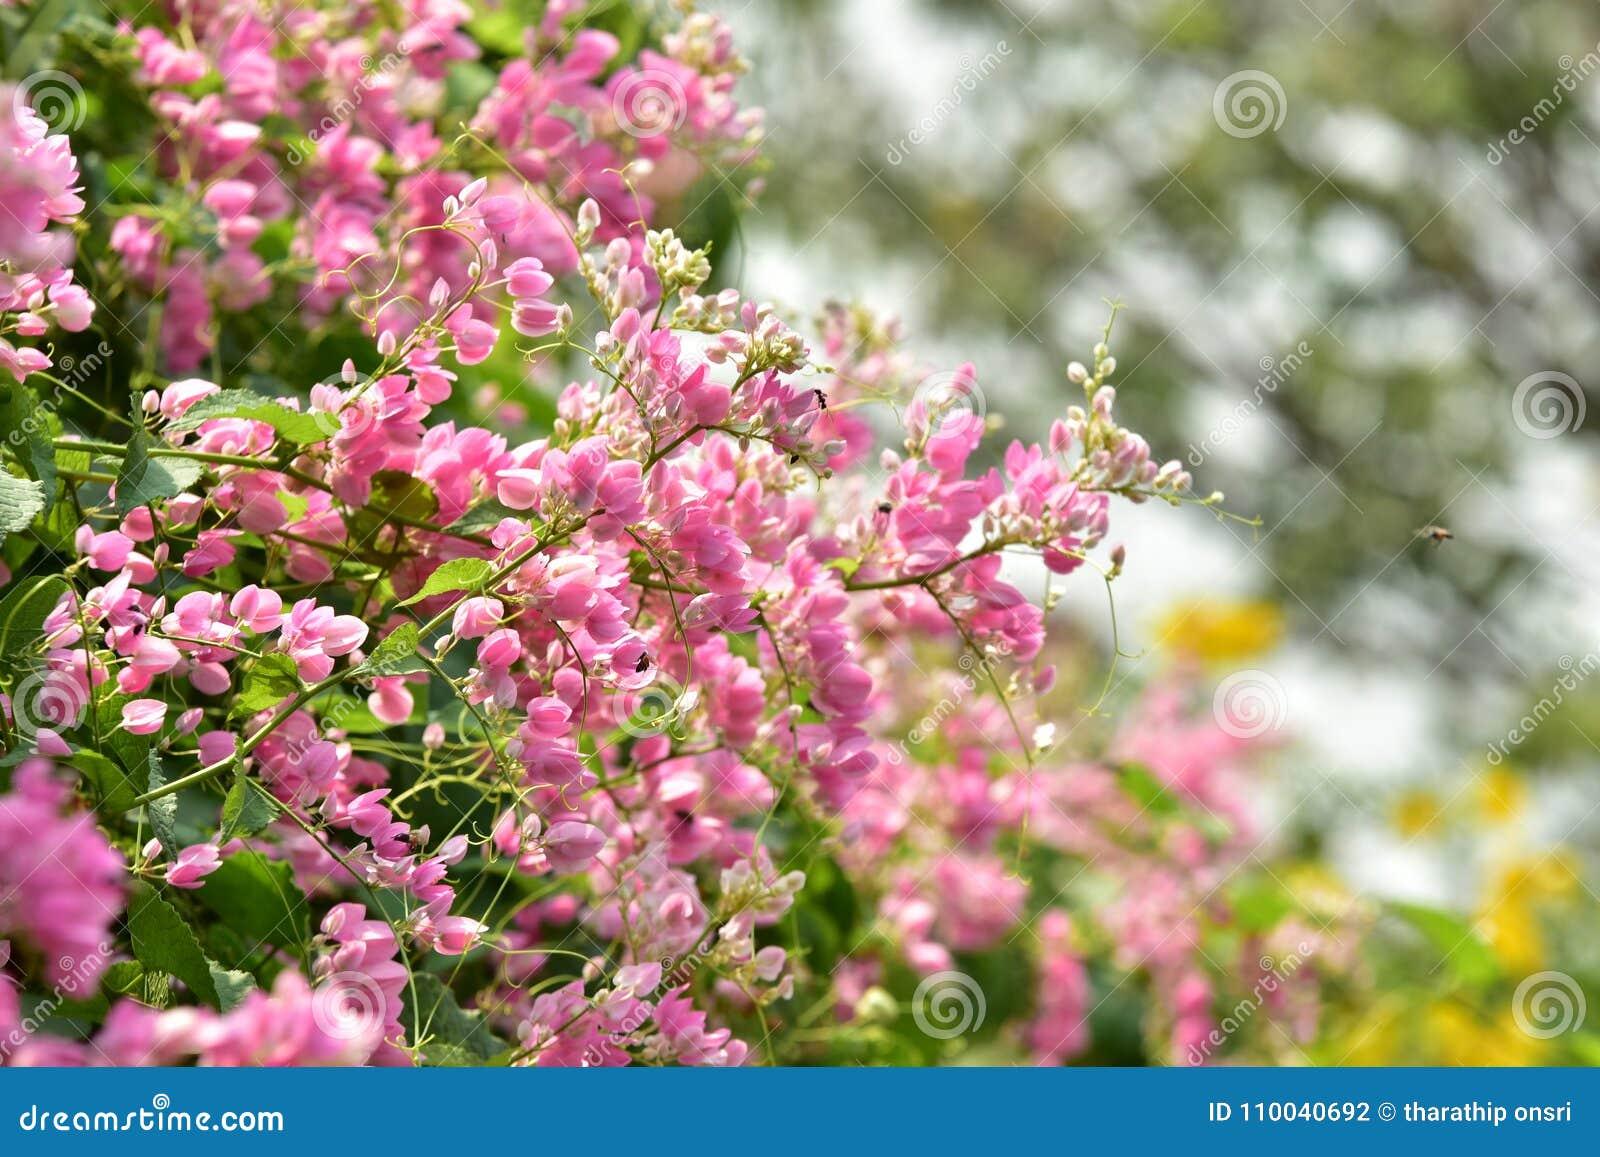 Petite Fleur Rose De Fleur Sur Son Arbre Dans Le Printemps Photo